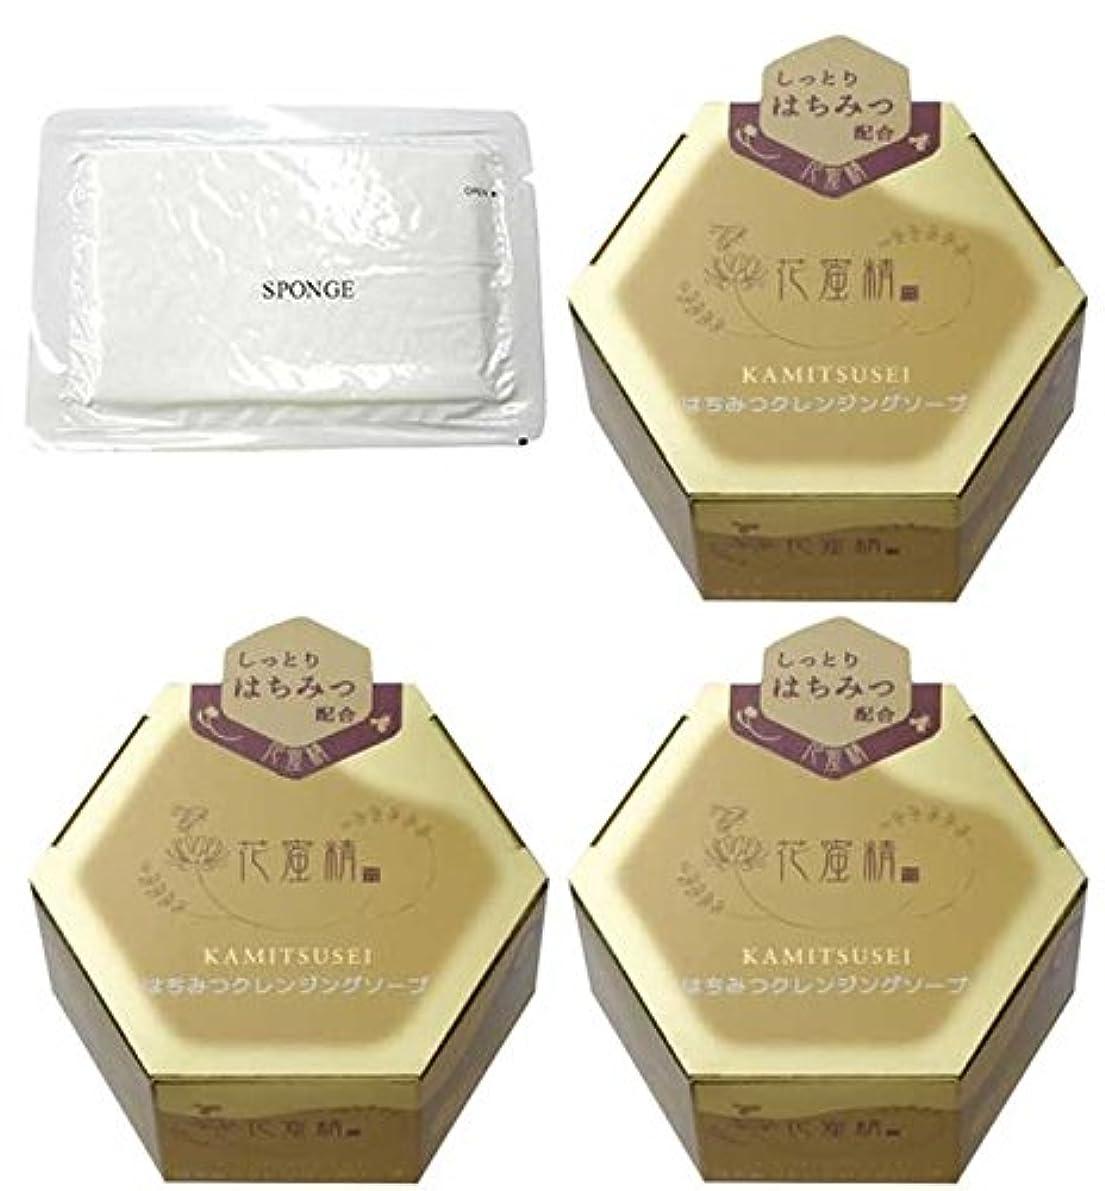 忘れられない修正ナイトスポット花蜜精 はちみつクレンジングソープ 85g 3個 + 圧縮スポンジセット